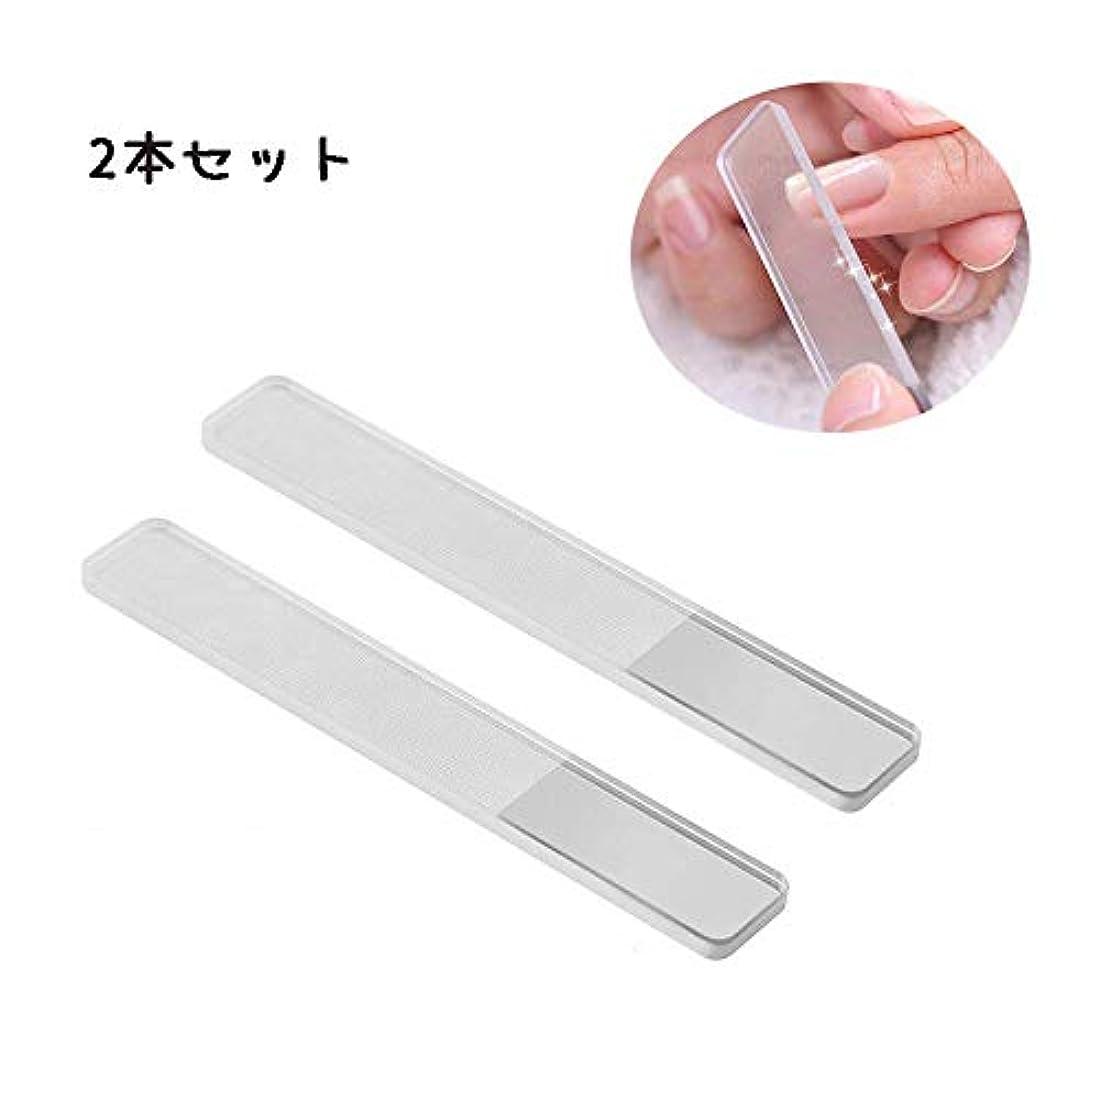 高層ビル借りるいくつかの爪やすり ガラス 爪磨き ガラス製 ネイルシャイナー ピカピカ ネイルケア ナノ技術が生んだ全く新しい 甘皮処理 携帯便利 収納ケース付き 2本 セット (2pcs)